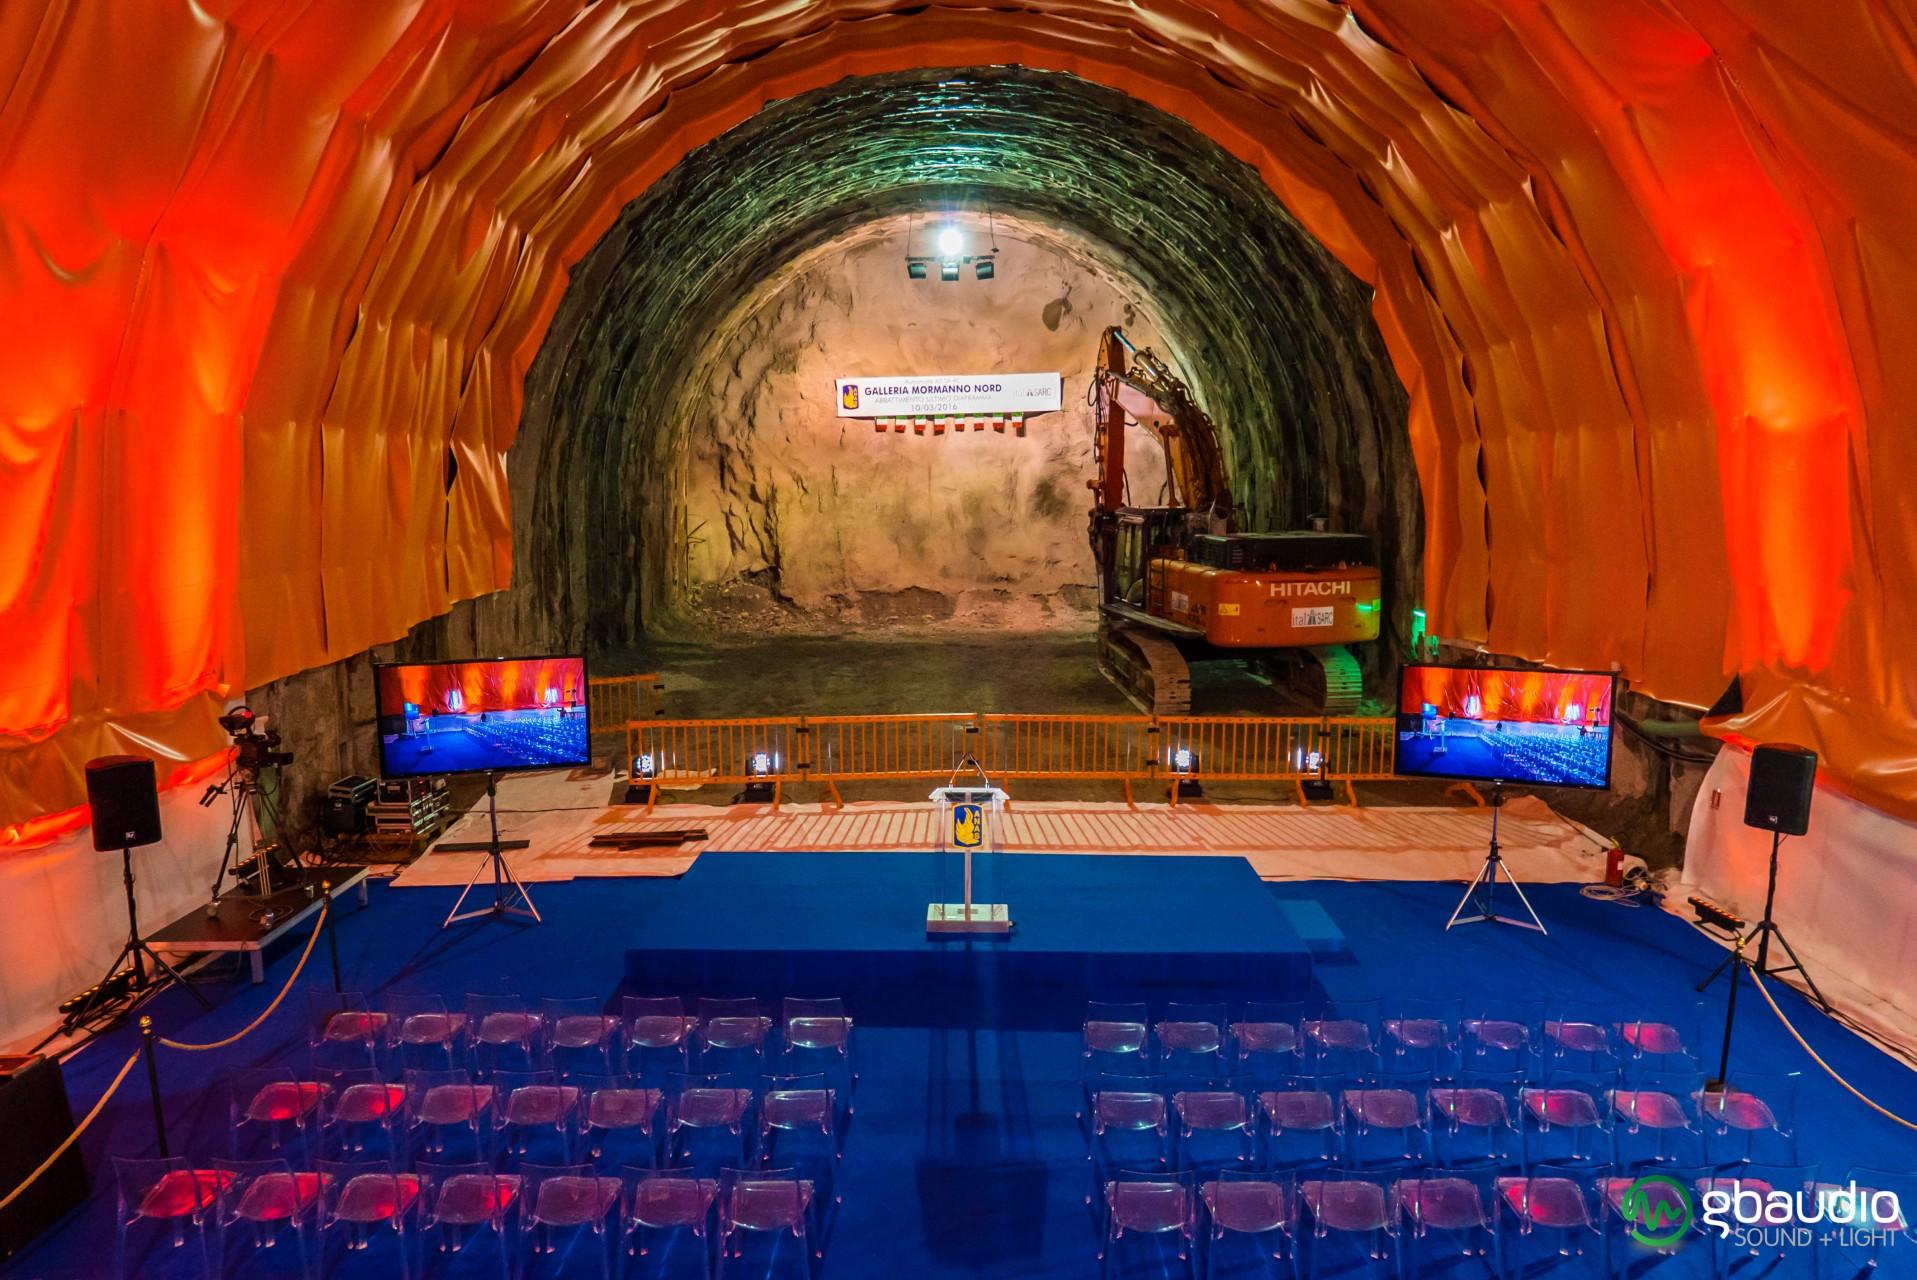 Cerimonia di inaugurazione Variante di Valico e Salerno Reggio-Calabria - 2